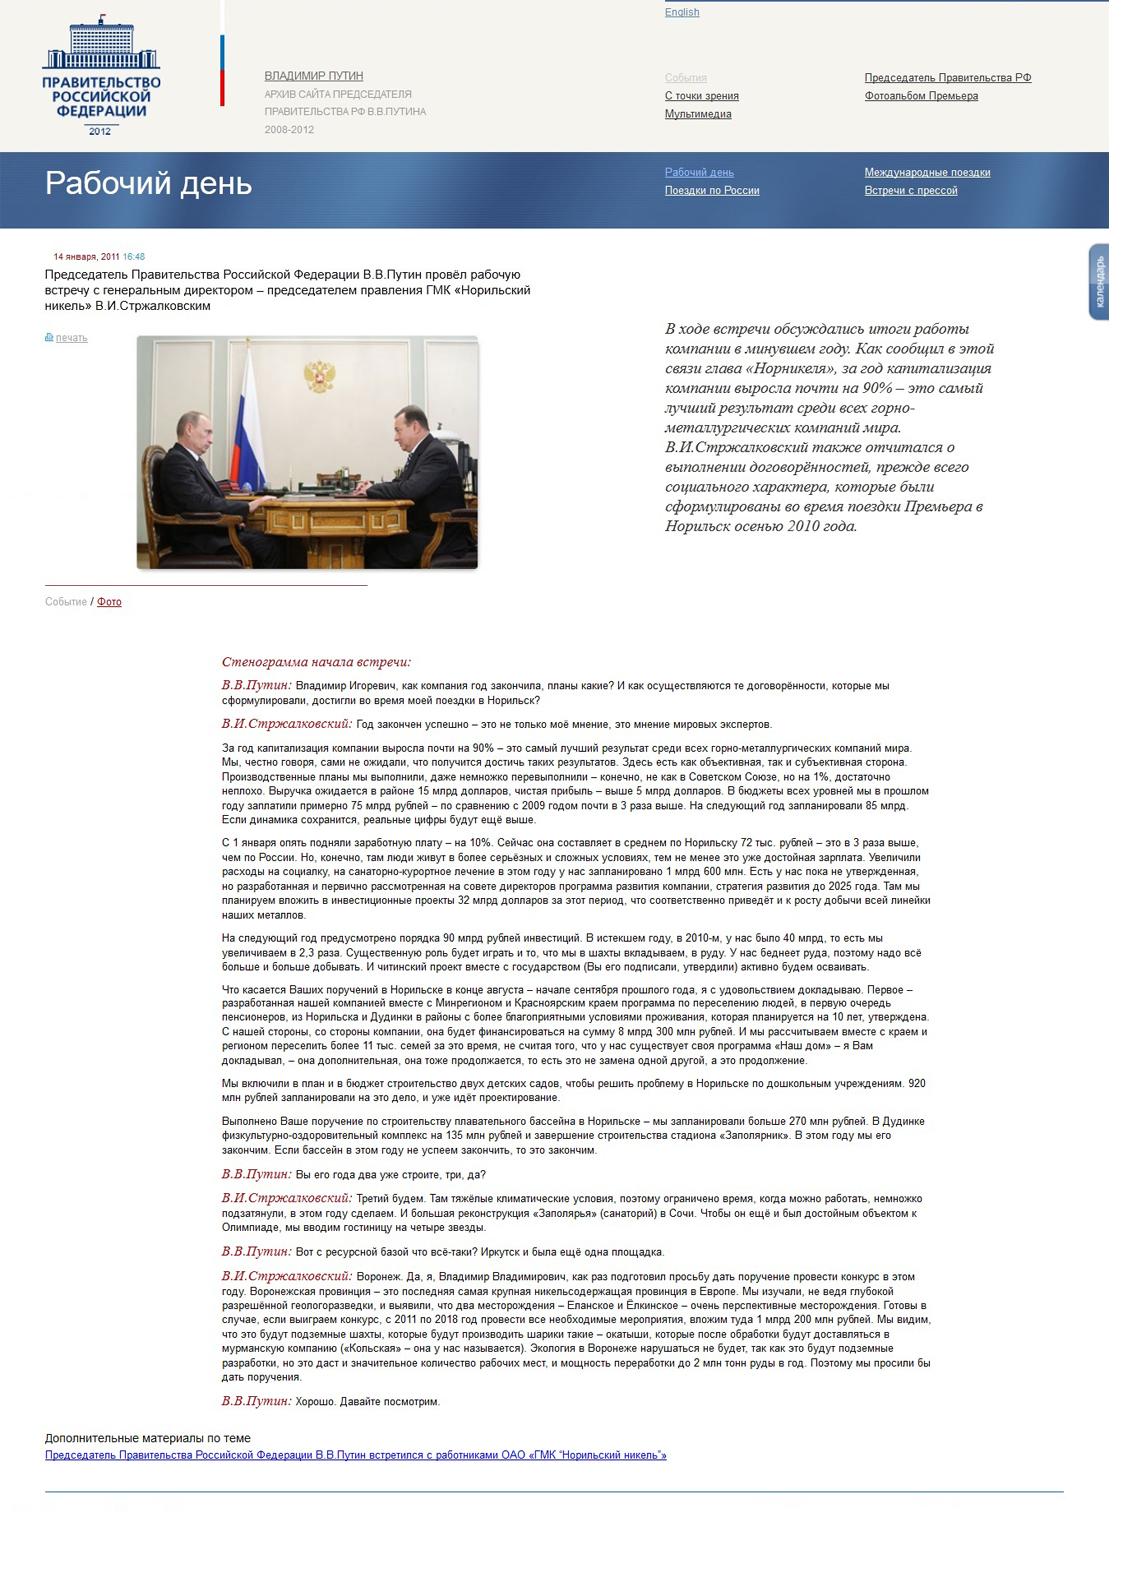 Стенограмма встречи Путина со Стржалковским.